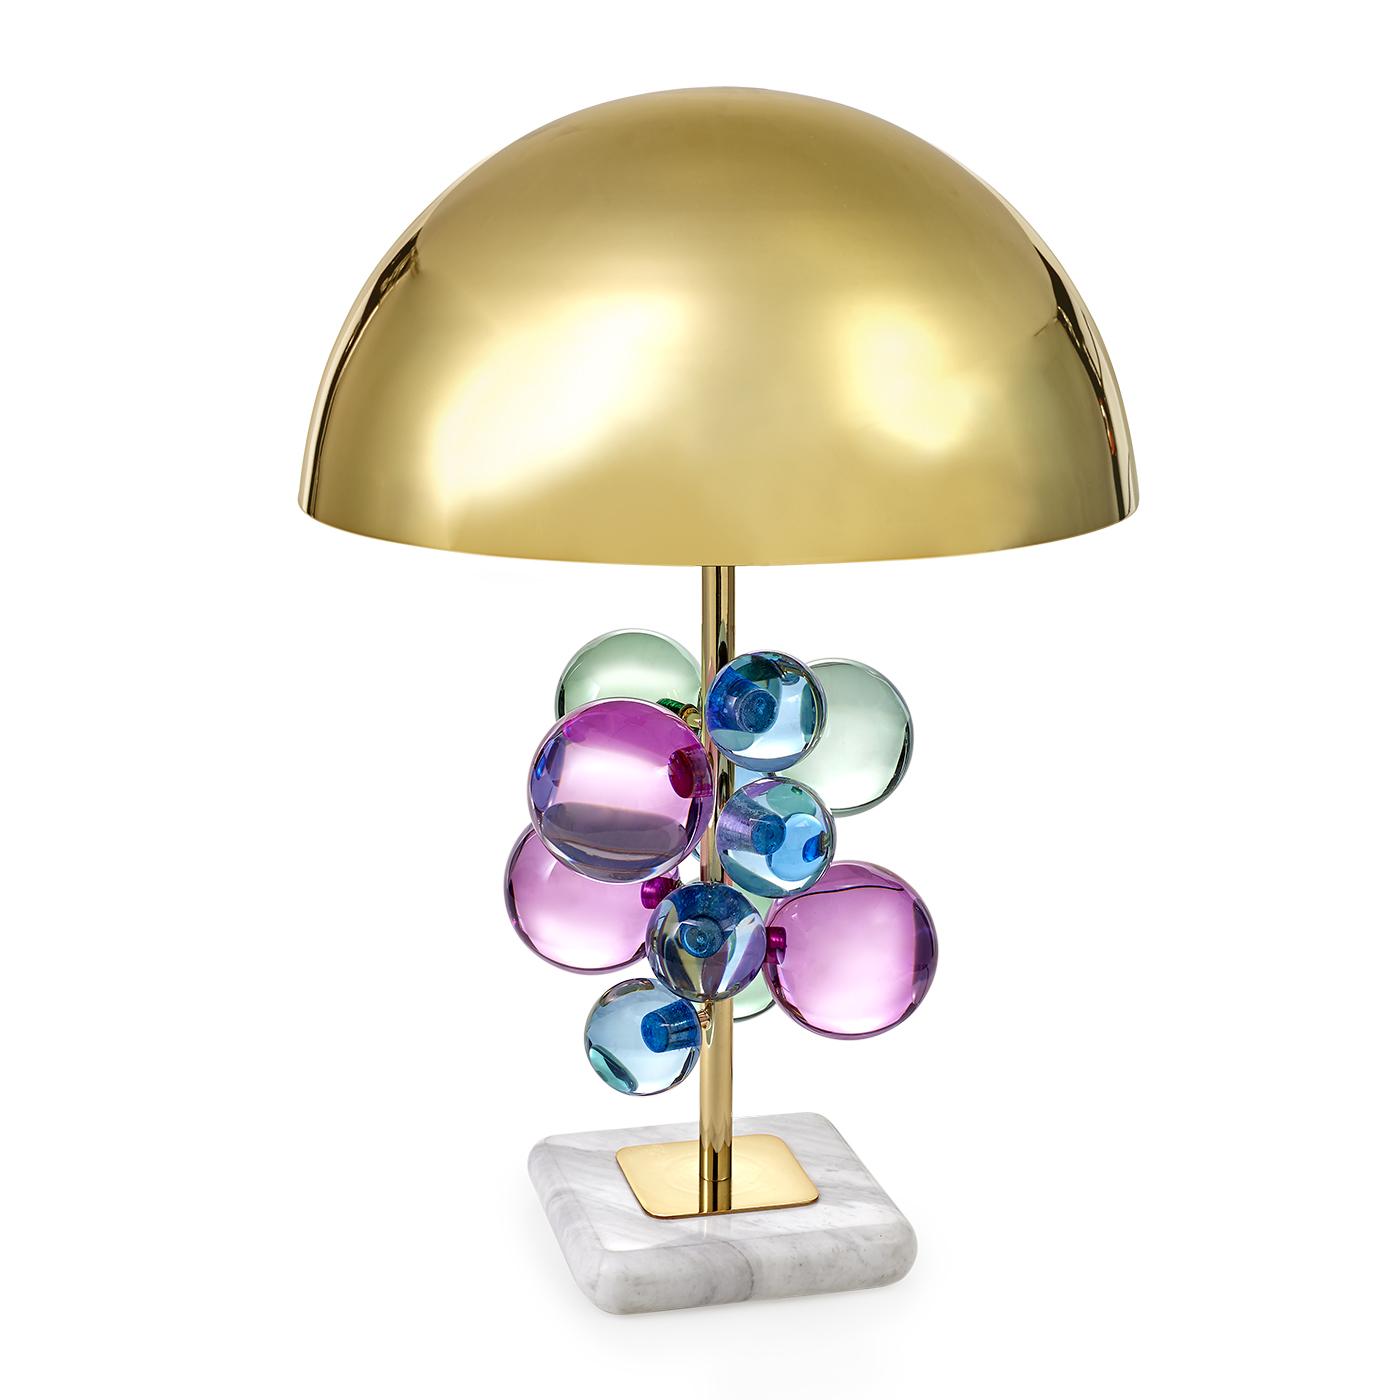 Globo Table Lamp Jonathan Adler